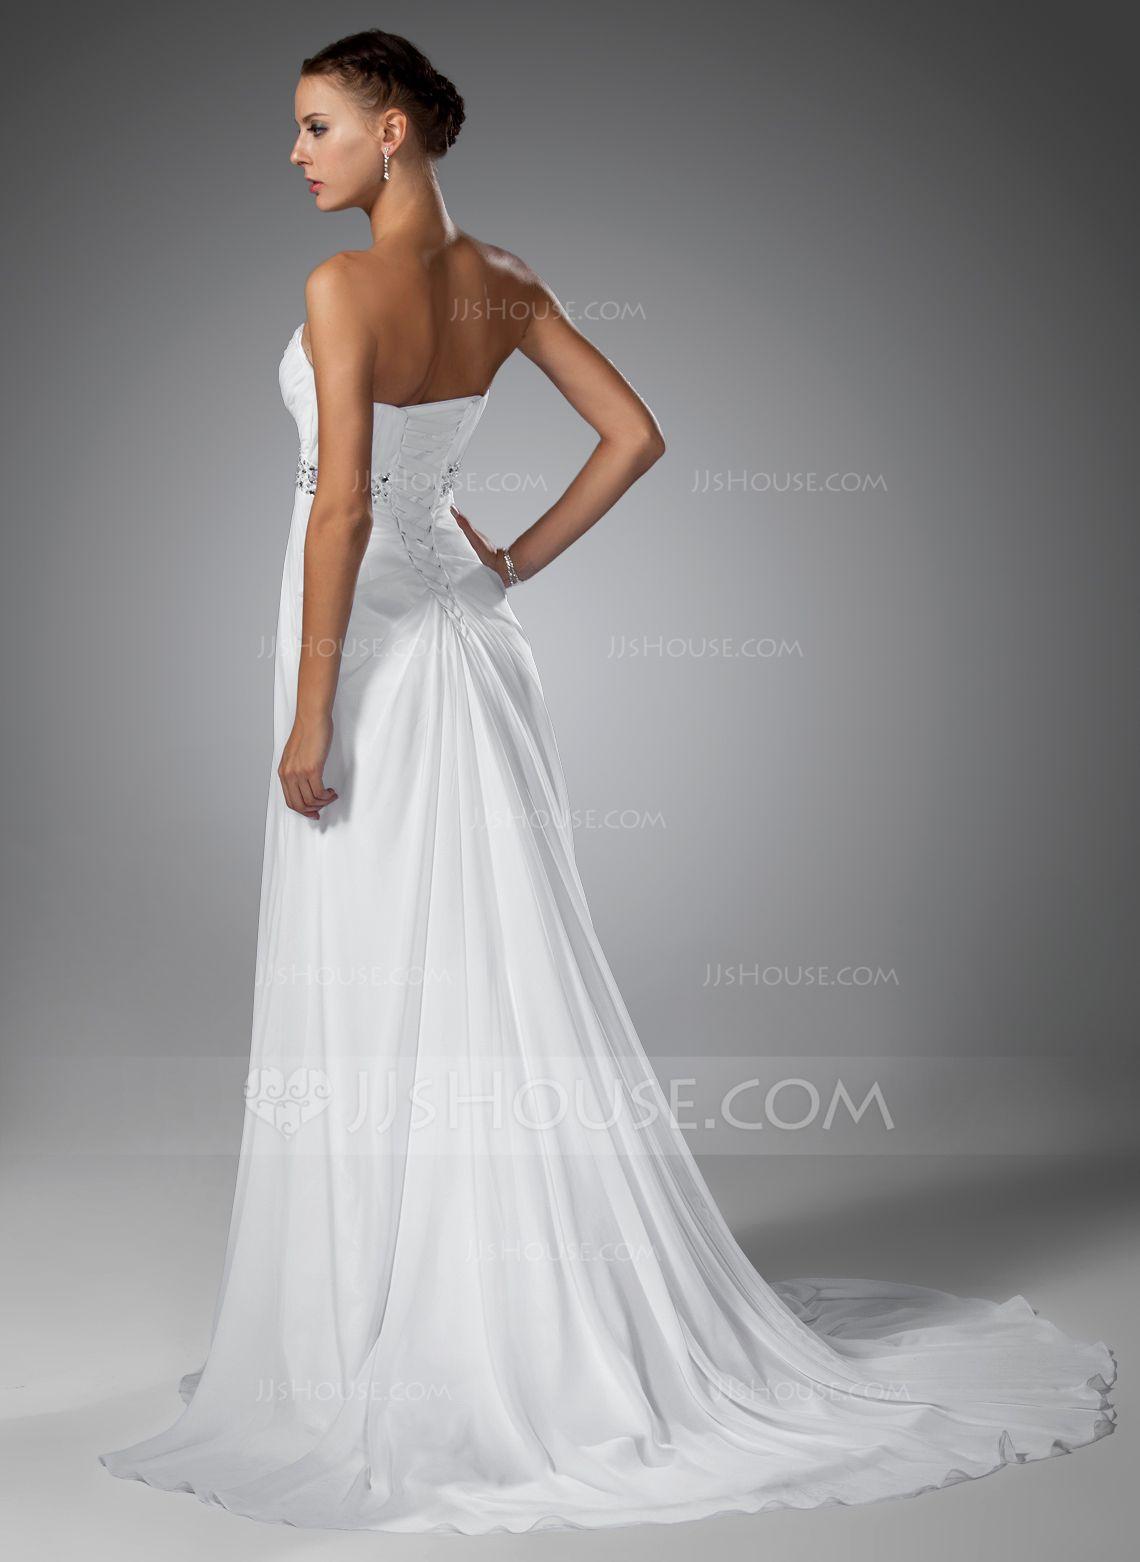 03a362f264f7 JJsHouse, världens ledande online-återförsäljare, erbjuder ett stort utbud  av bröllopsklänningar, bröllopsfestklänningar